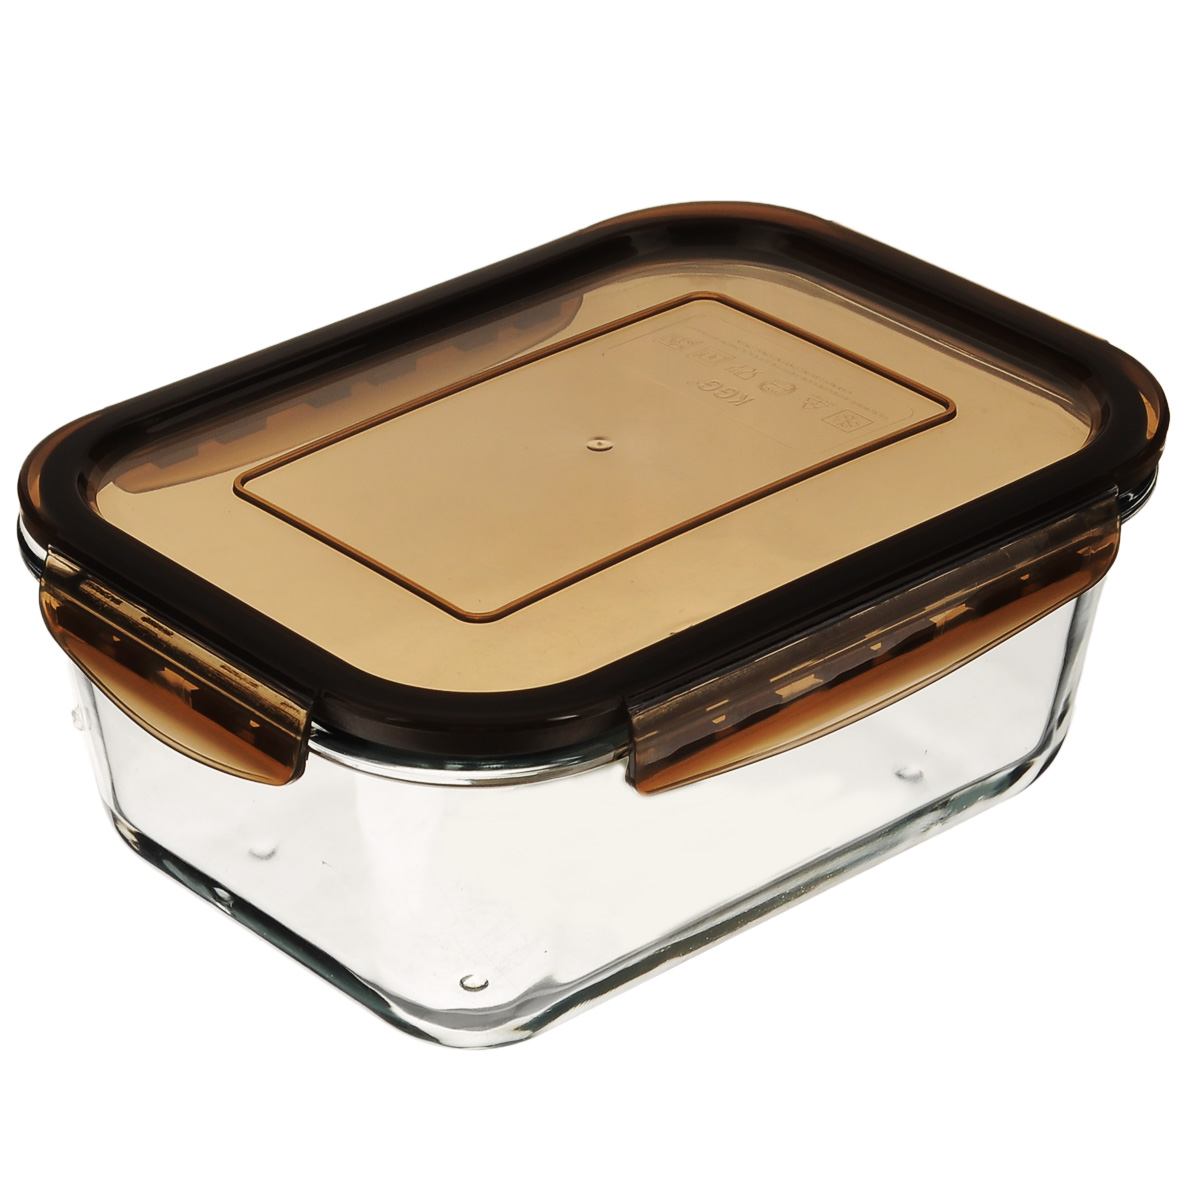 Форма для запекания Mijotex с крышкой, прямоугольная, цвет: коричневый, 21 см х 15 смLRE3CПрямоугольная форма для запекания Mijotex изготовлена из жаропрочного стекла, которое выдерживает температуру до +450°С. Форма предназначена для приготовления горячих блюд. Оснащена герметичной пластиковой крышкой с силиконовым уплотнителем для хранения продуктов. Материал изделия гигиеничен, прост в уходе и обладает высокой степенью прочности. Форма (без крышки) идеально подходит для использования в духовках, микроволновых печах, холодильниках и морозильных камерах. Также ее можно использовать на газовых плитах (на слабом огне) и на электроплитах. Можно мыть в посудомоечной машине.Размер формы (по верхнему краю): 21 см х 15 см.Высота стенки формы: 9 см.